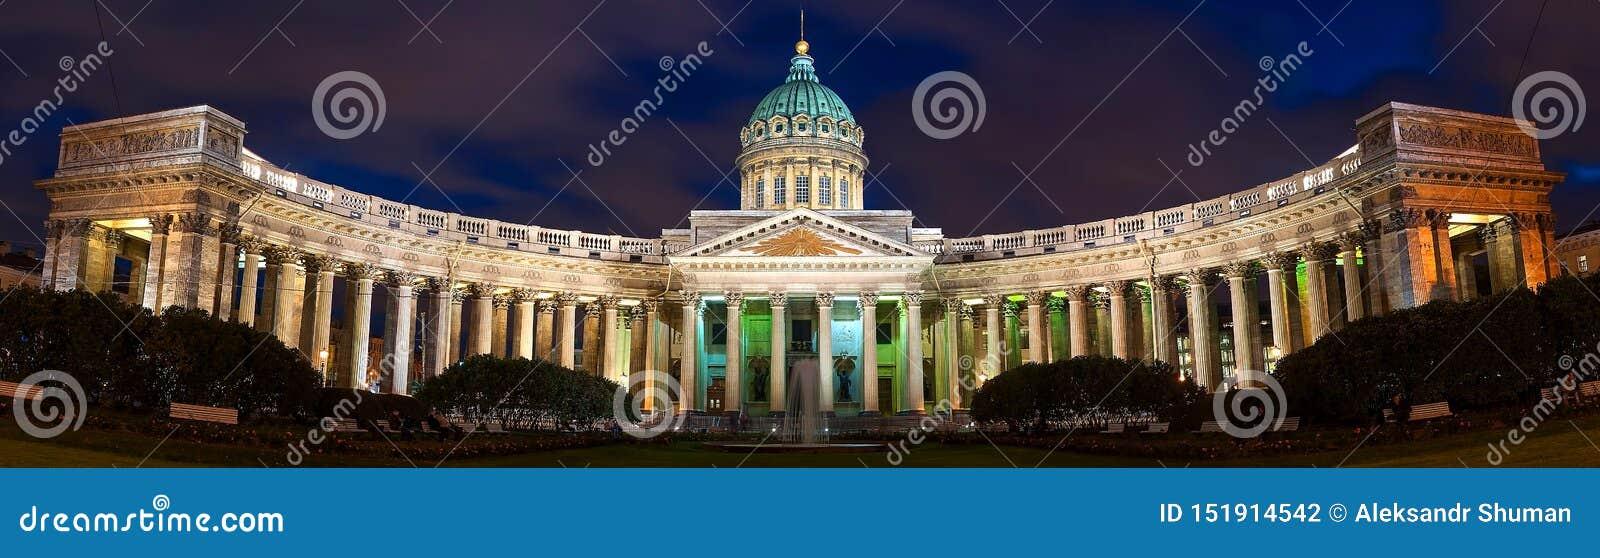 Panorama av den Kazan domkyrkan i St Petersburg